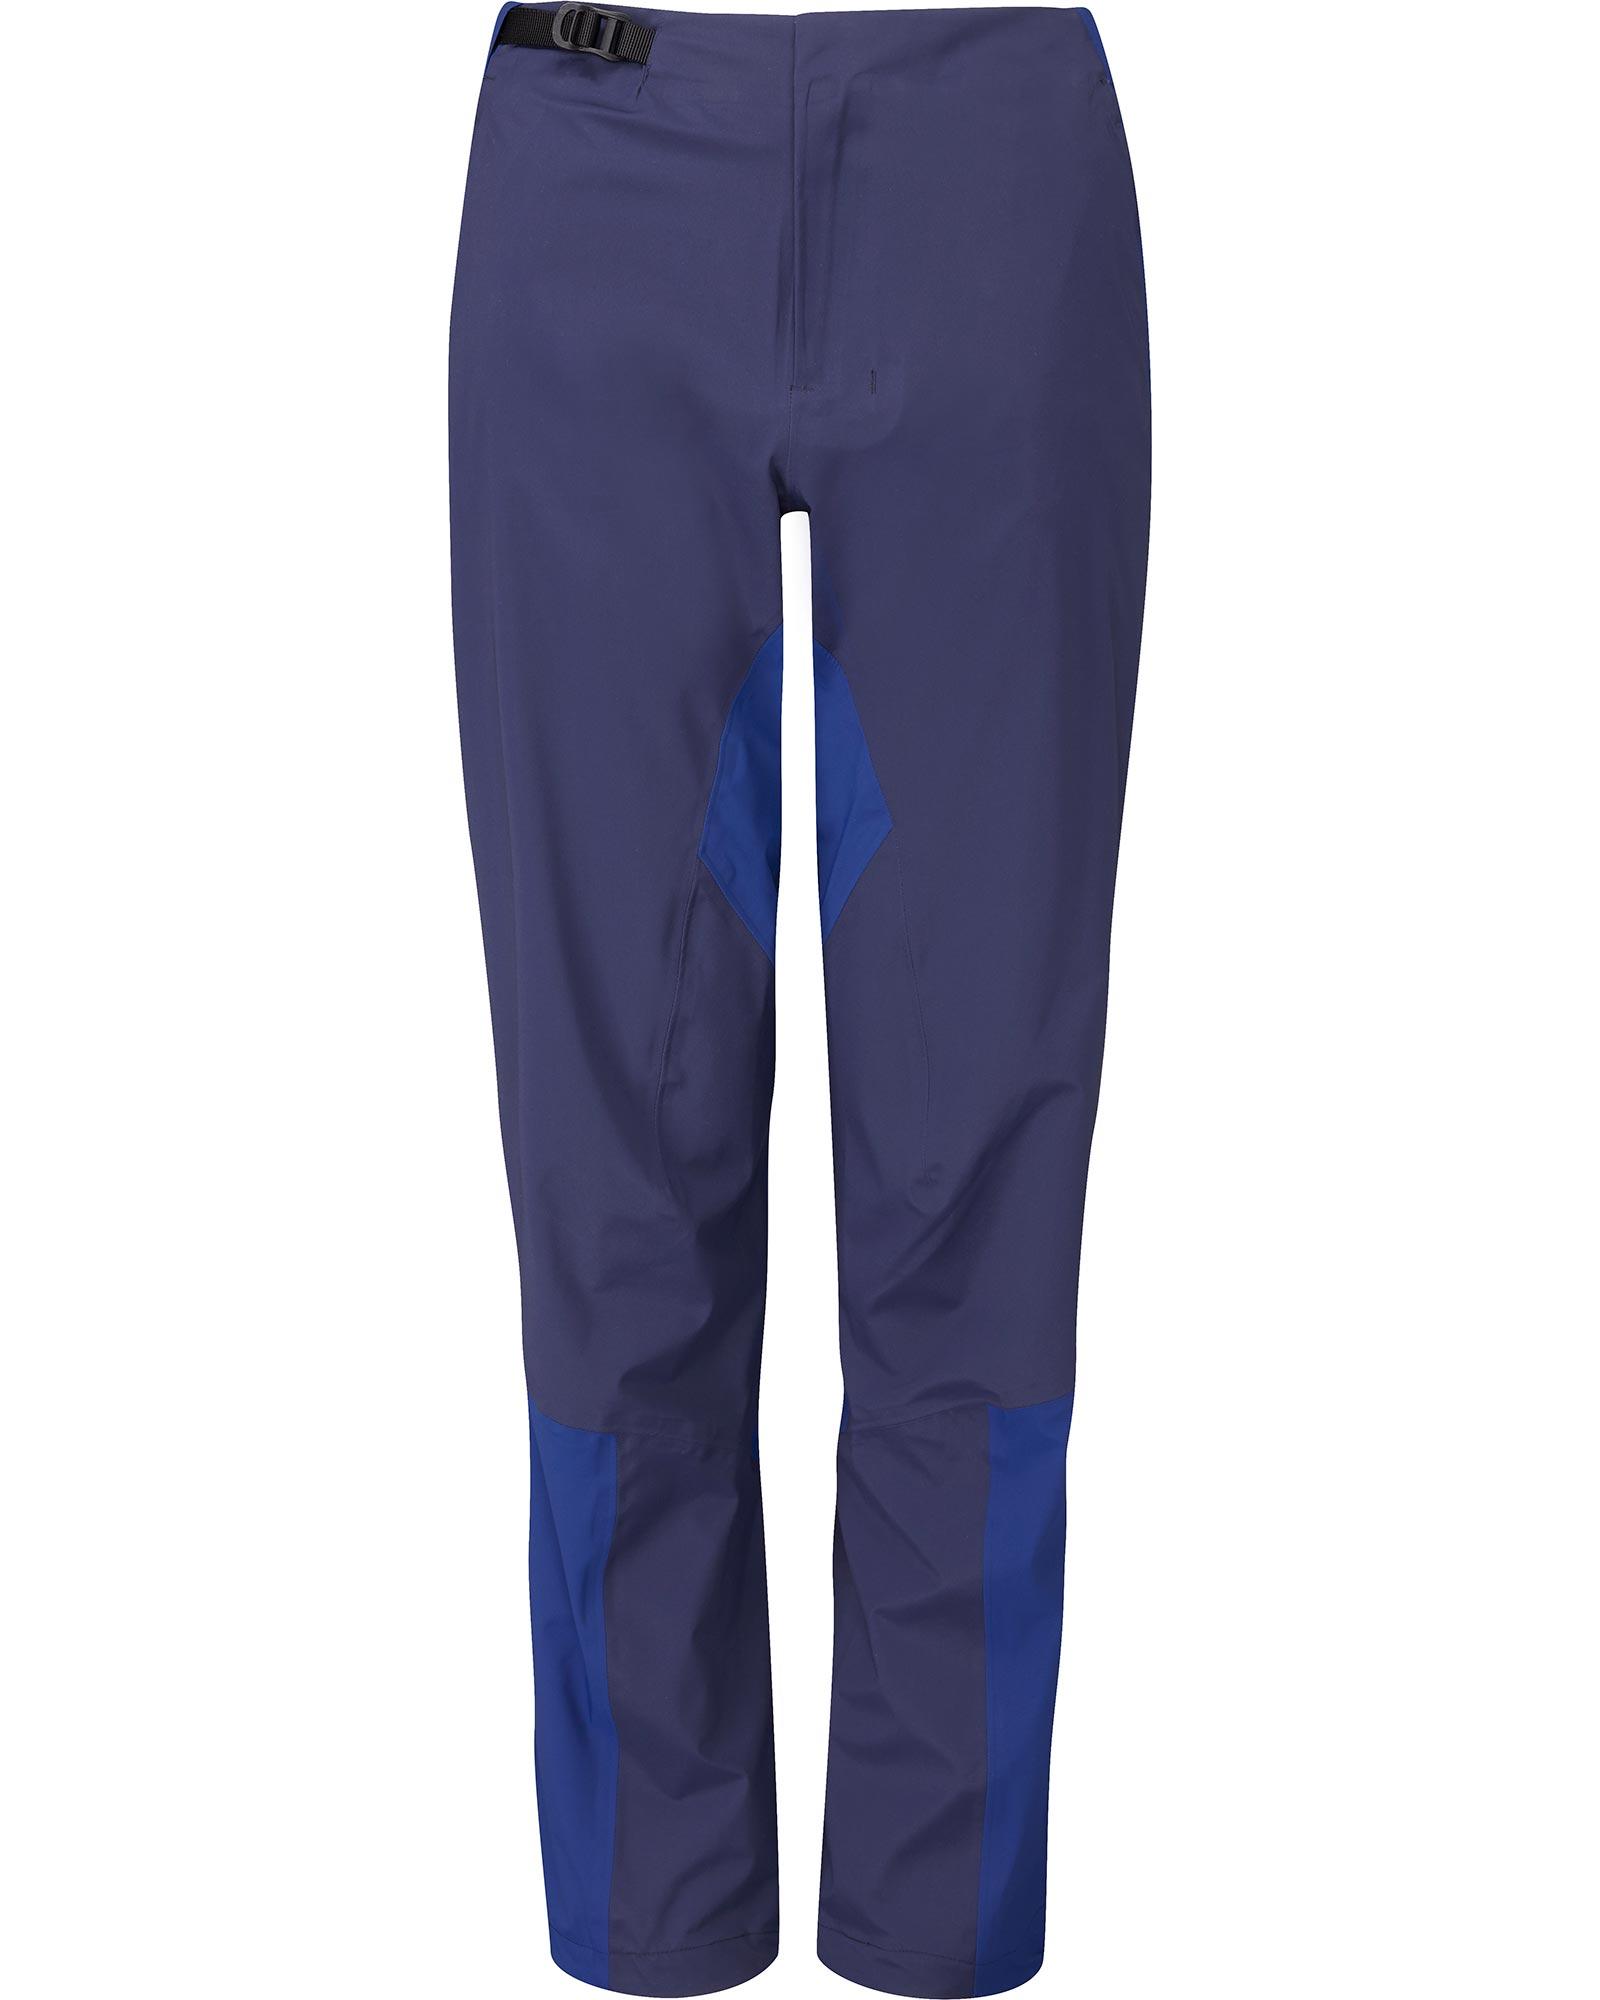 Rab Women's Kinetic Alpine 2.0 Pants 0